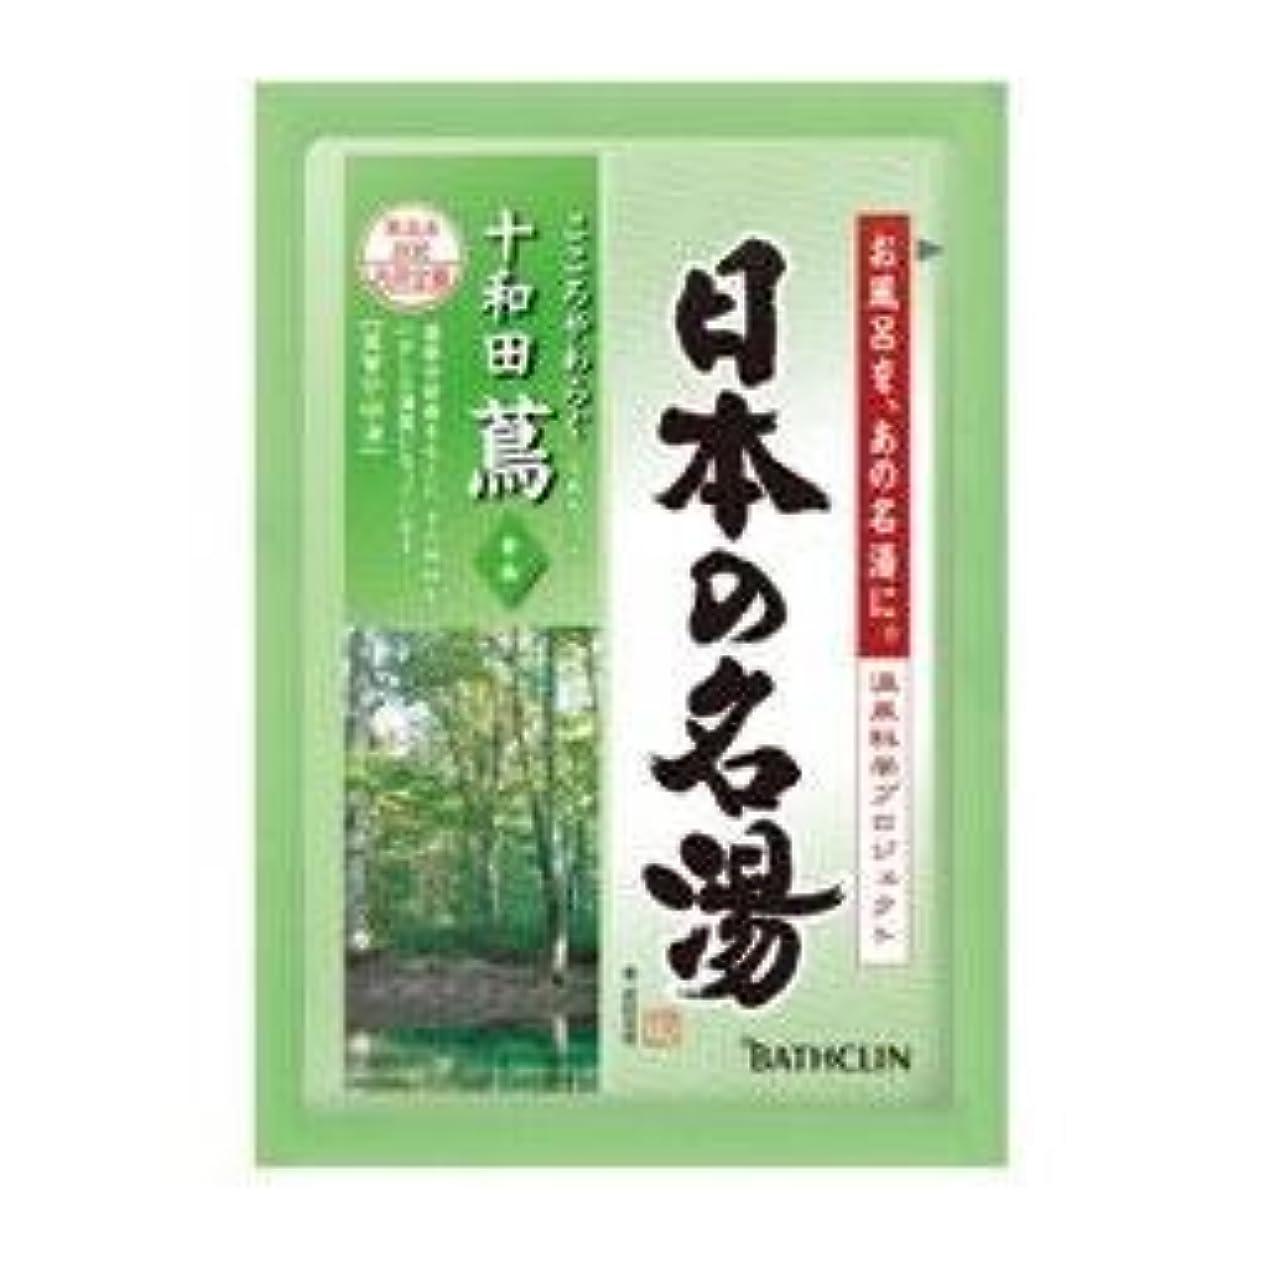 急性概念持続するバスクリン 日本の名湯 十和田蔦 1包 医薬部外品×120点セット (4548514135000)